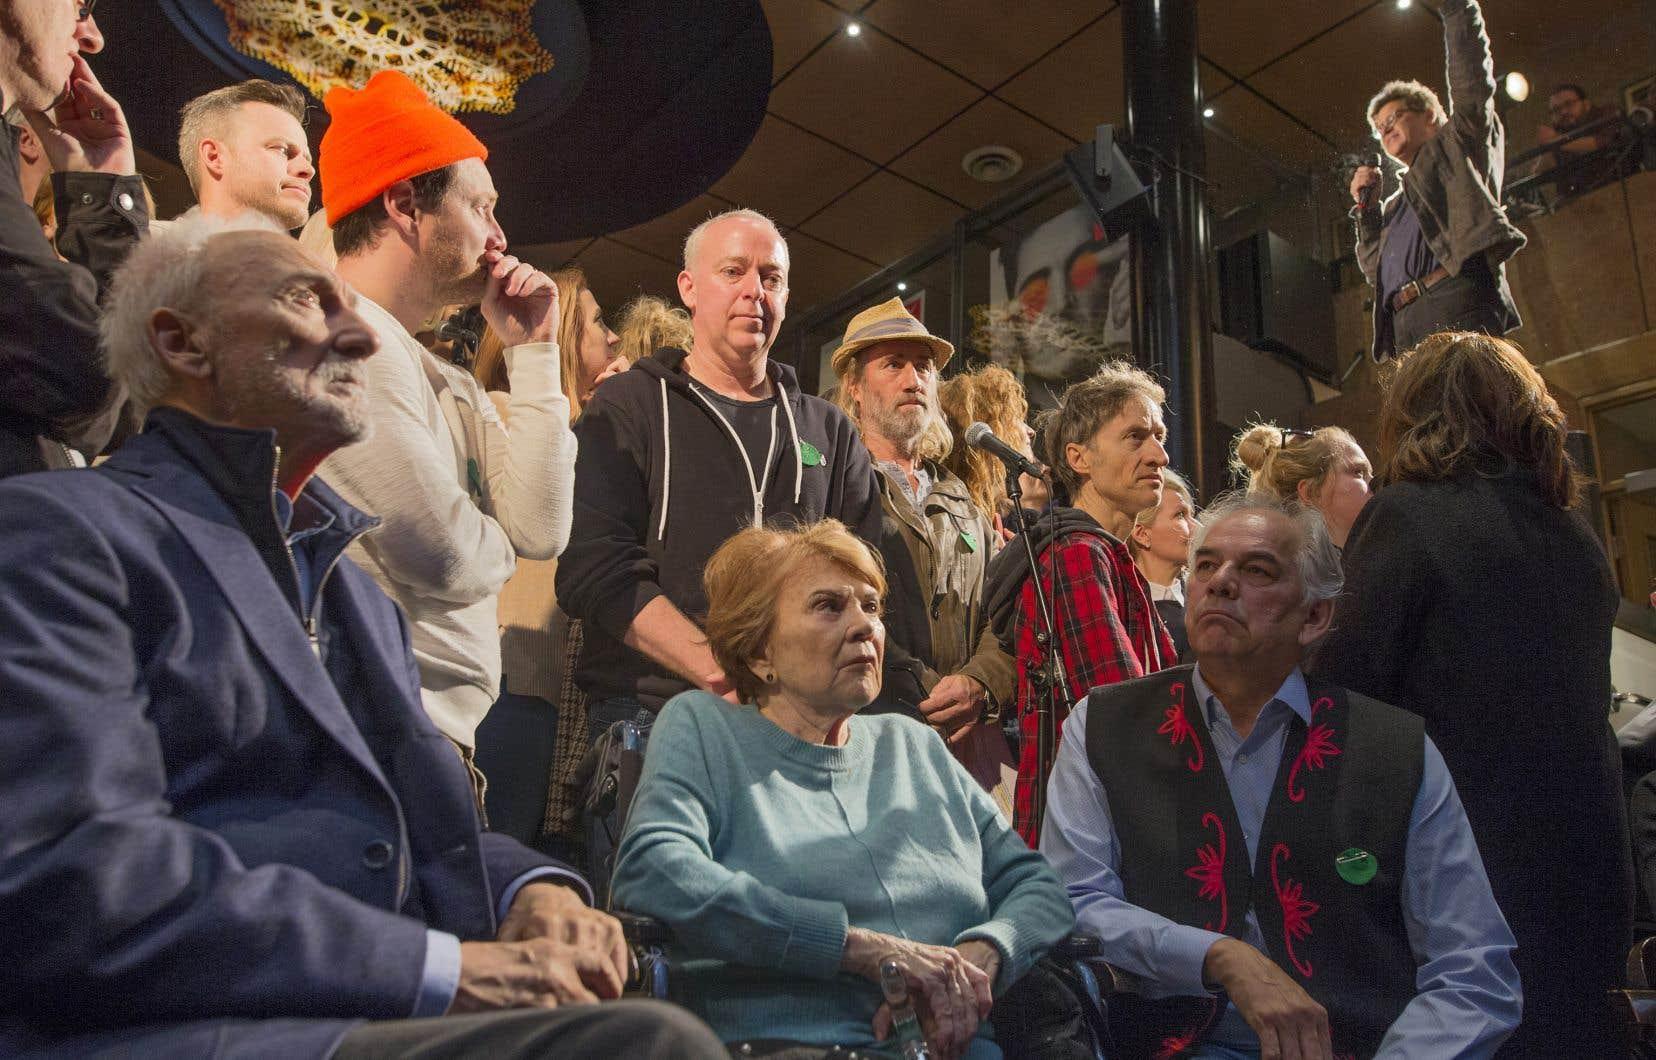 En signant le «pacte», appuyé par plus de 400 personnalités publiques avant son lancement, les citoyens s'engagent à agir pour réduire leurs émissions de GES en posant des gestes concrets